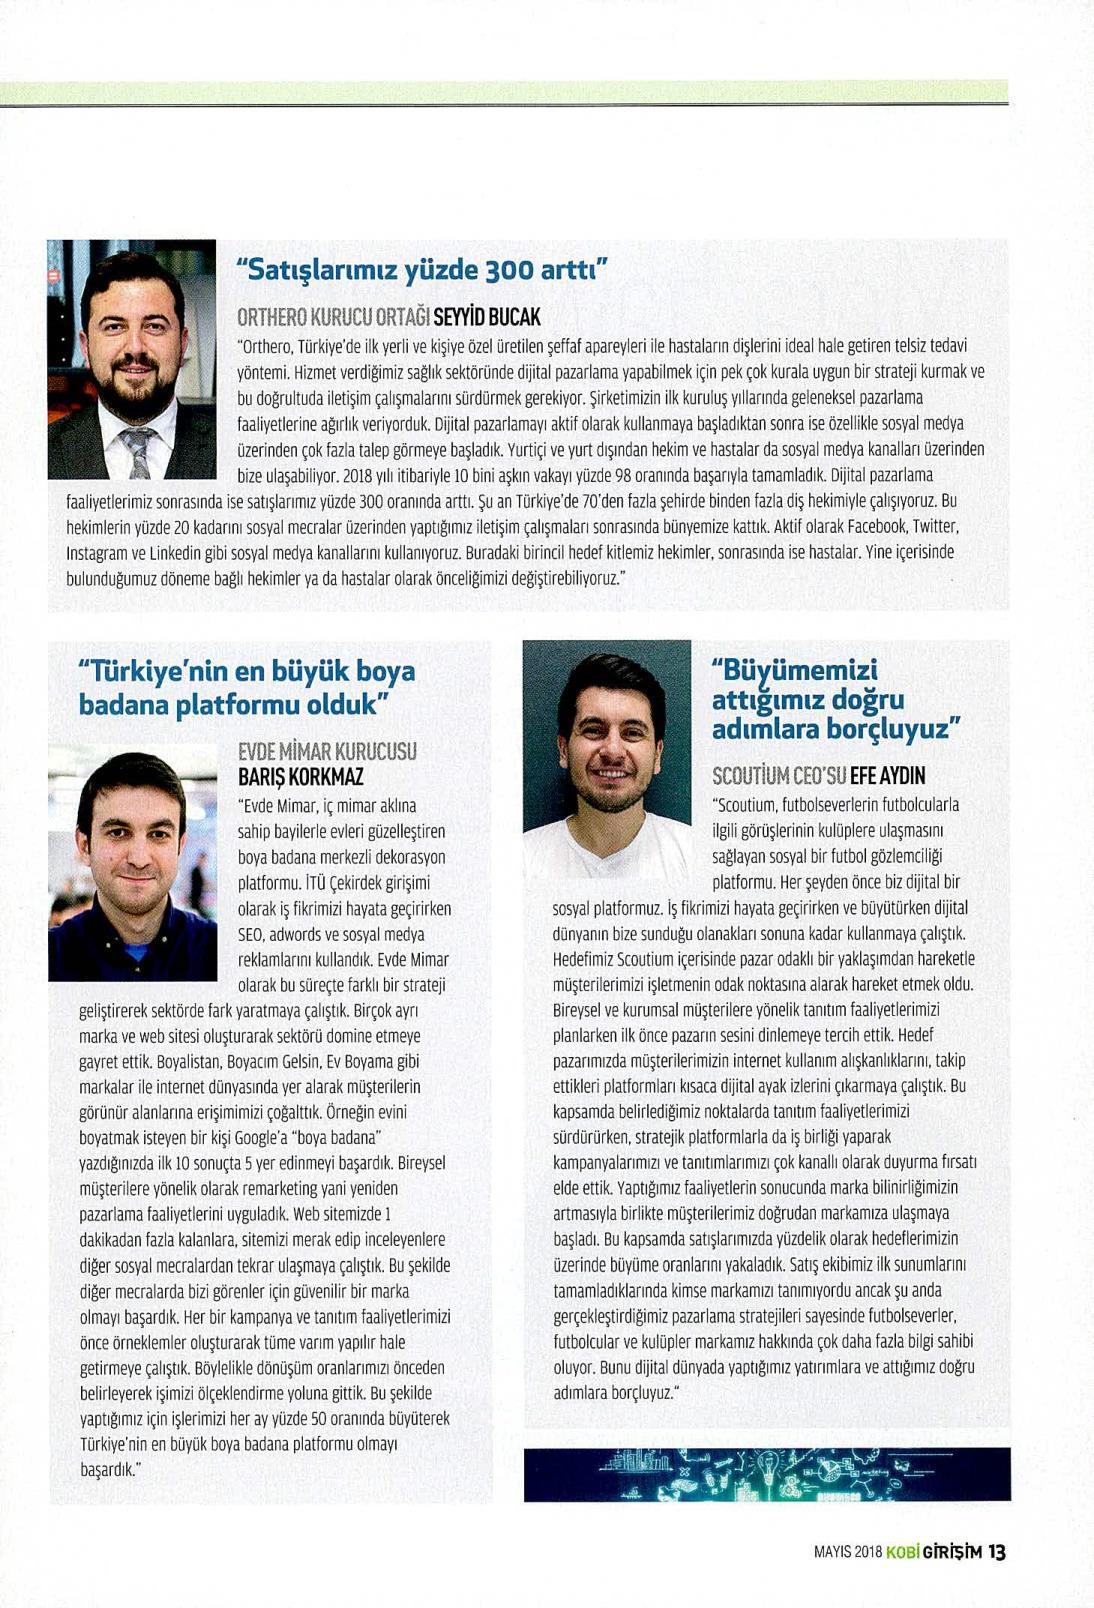 EKONOMİST+KOBİ+GİRİŞİM_20180513_8 (1)